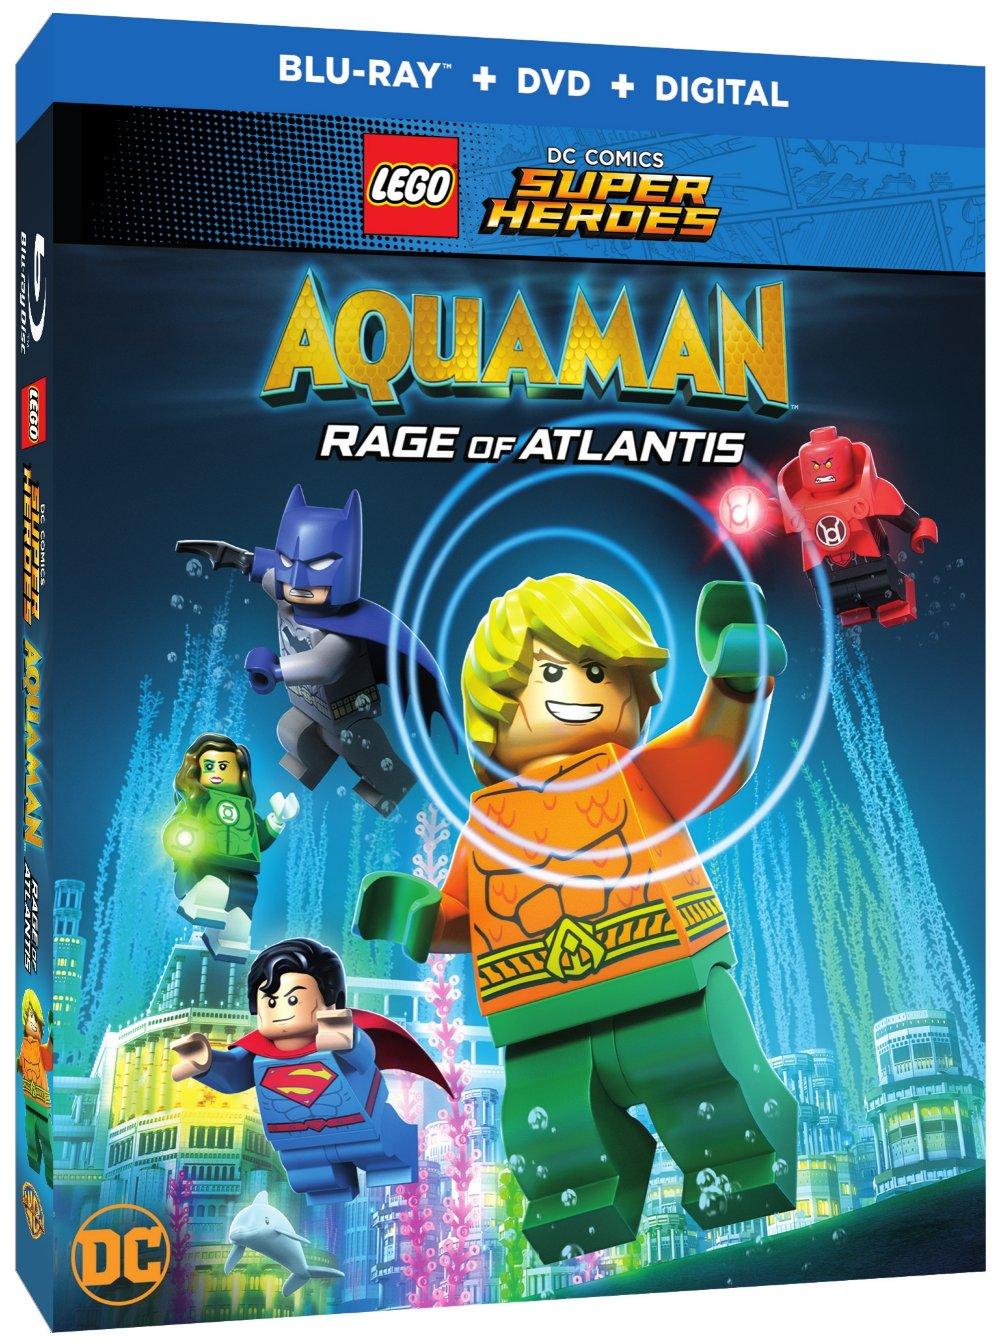 Wbhe Announces Lego Dc Comics Super Heroes Aquaman Rage Of